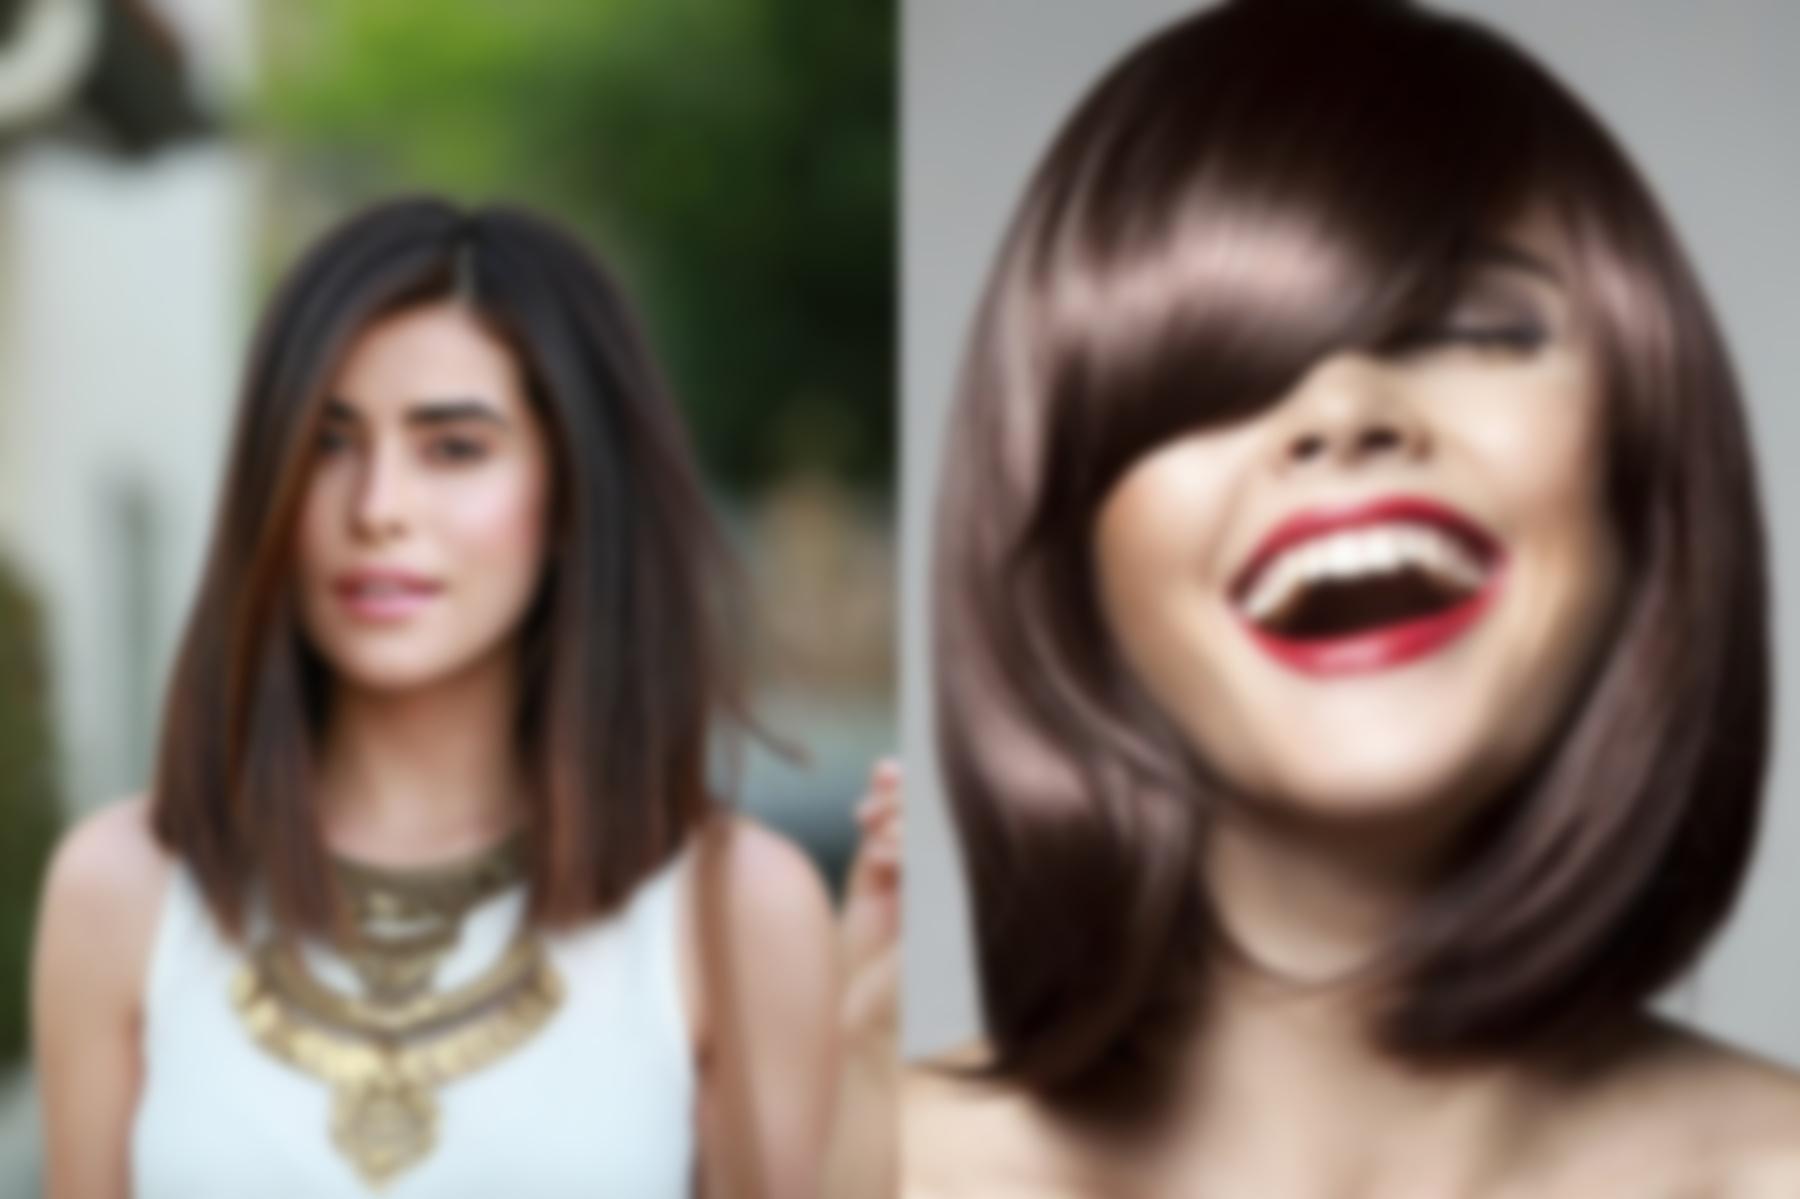 Модные женские стрижки: тренд 2019 а именно это средняя длина волос , если у Вас длинные и вы хотите на этом заработать денег , это именно для Вас. - фото 3